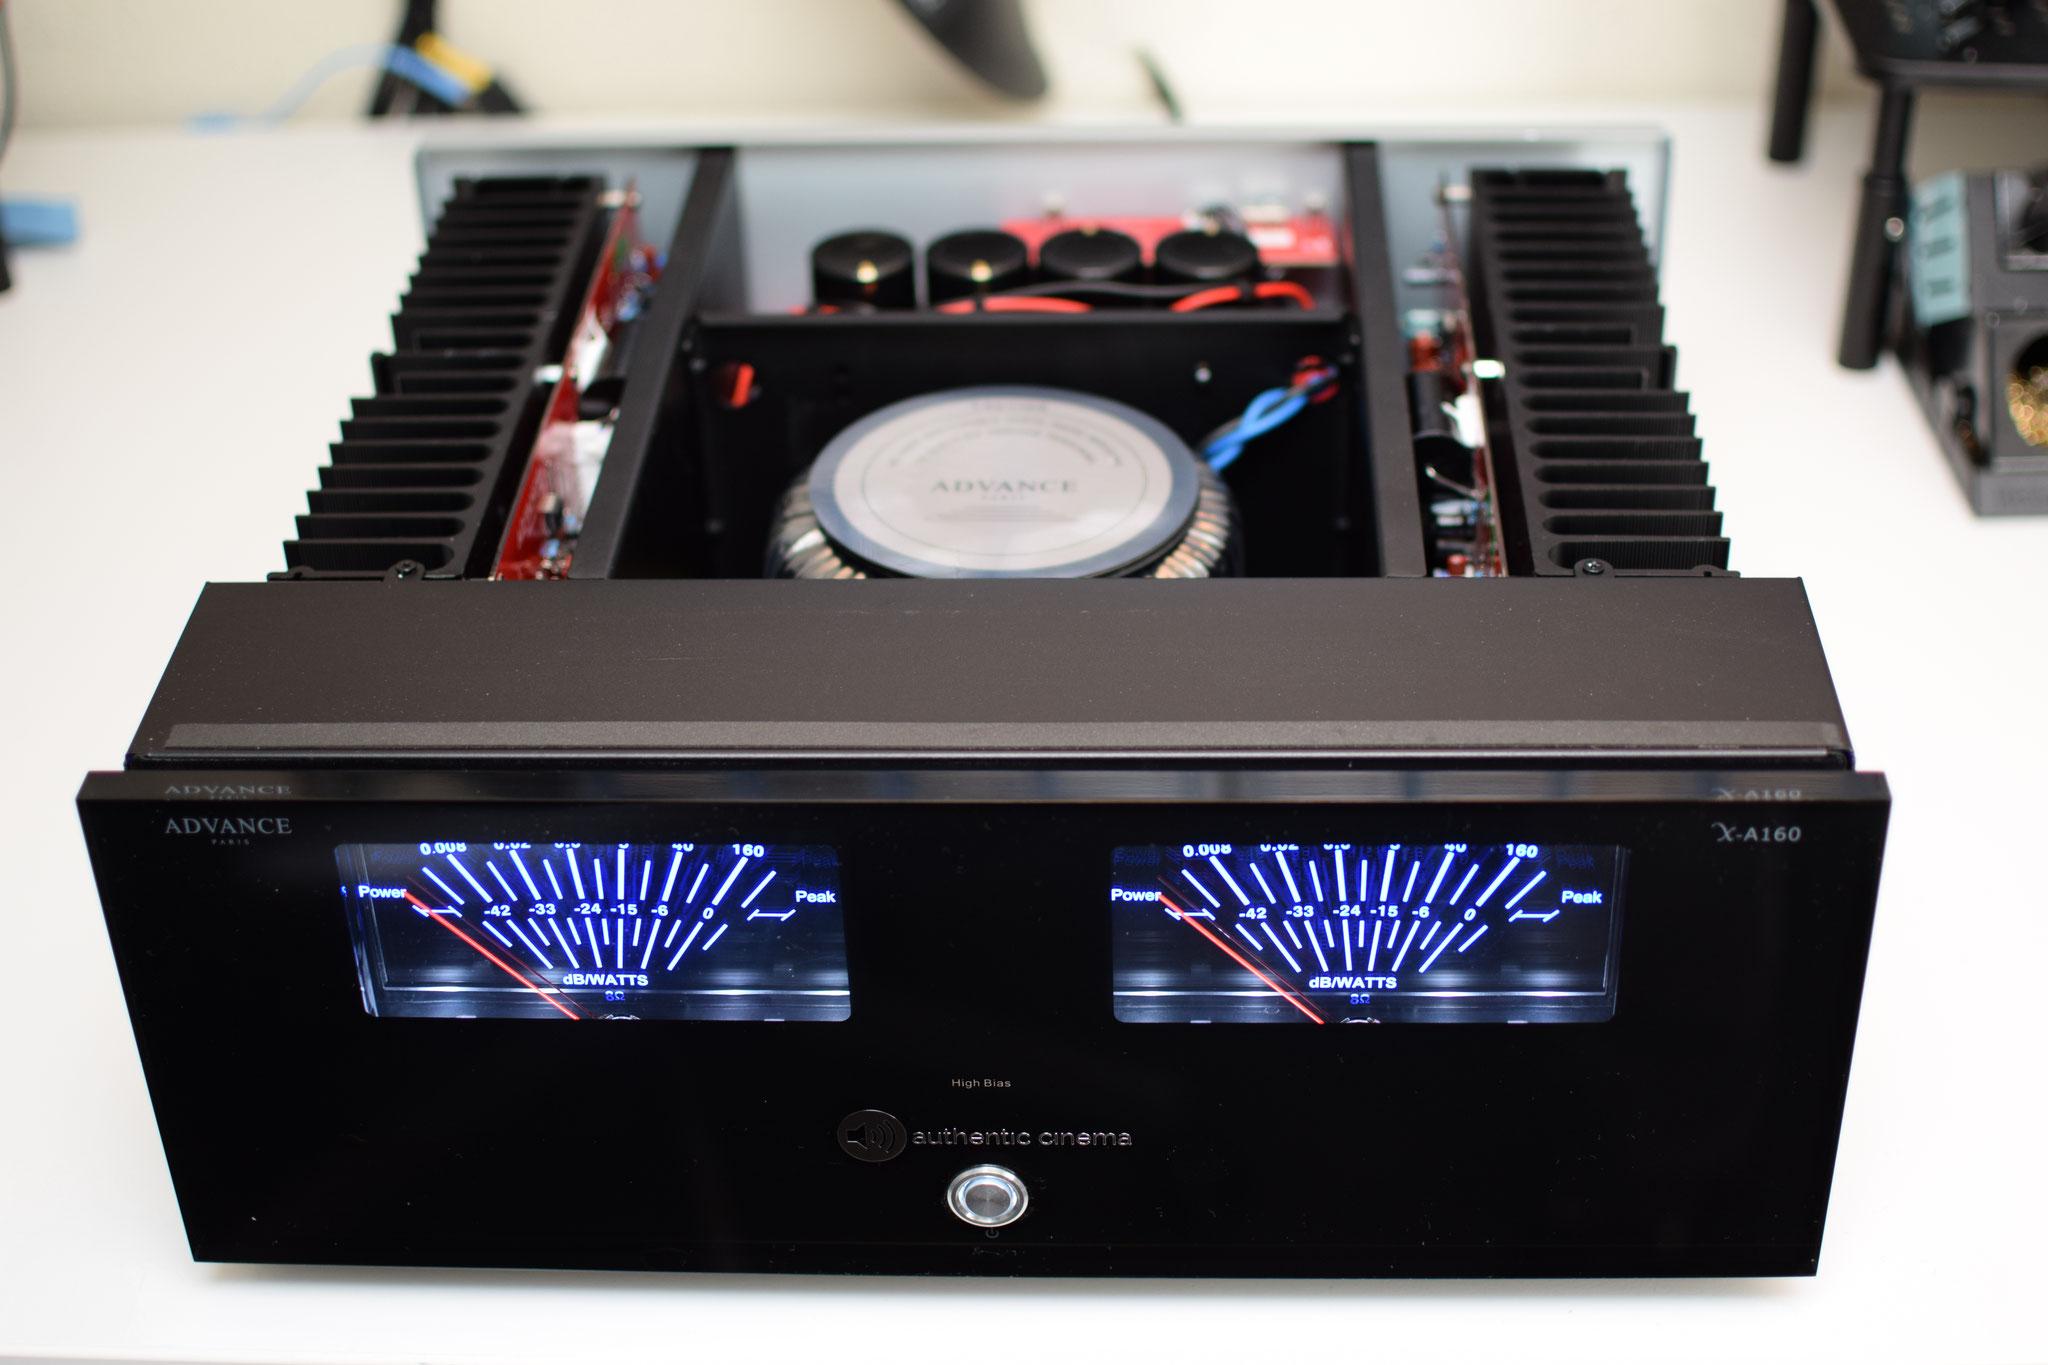 Advacne Acoustic Paris X-A160 authentic cinema